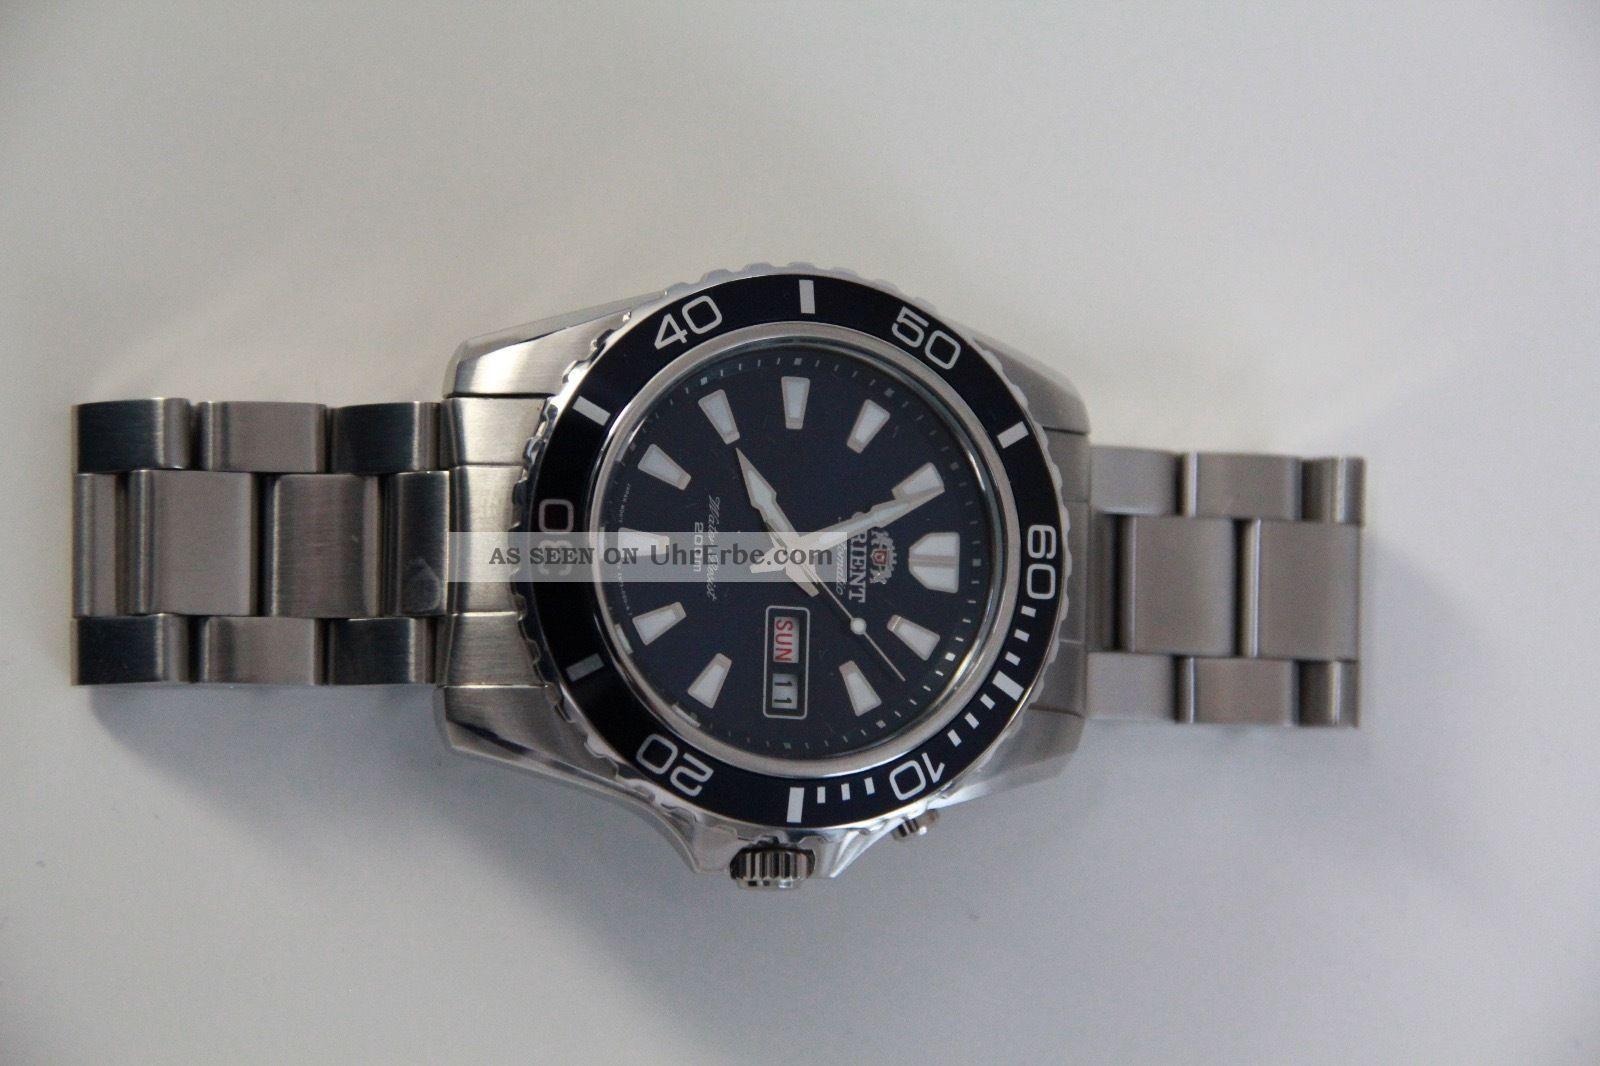 Orient Automatik Herren Armbanduhr Em75 - C1 - A In Silber Mit Blaum Zifferblatt Armbanduhren Bild